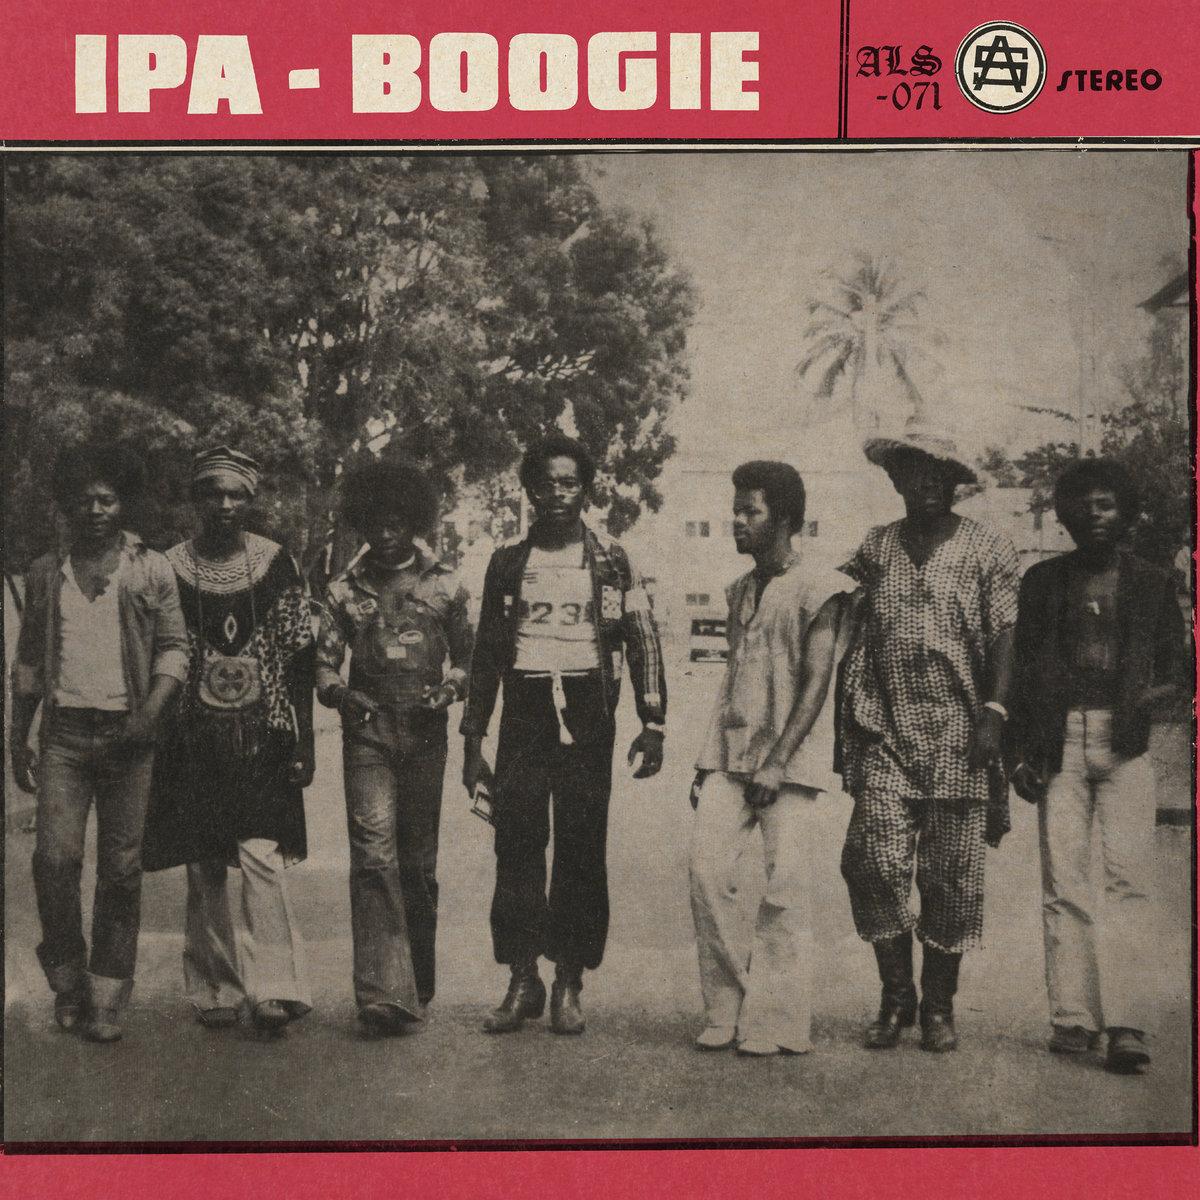 Ipa-Boogie - Ipa-Boogie [LP]